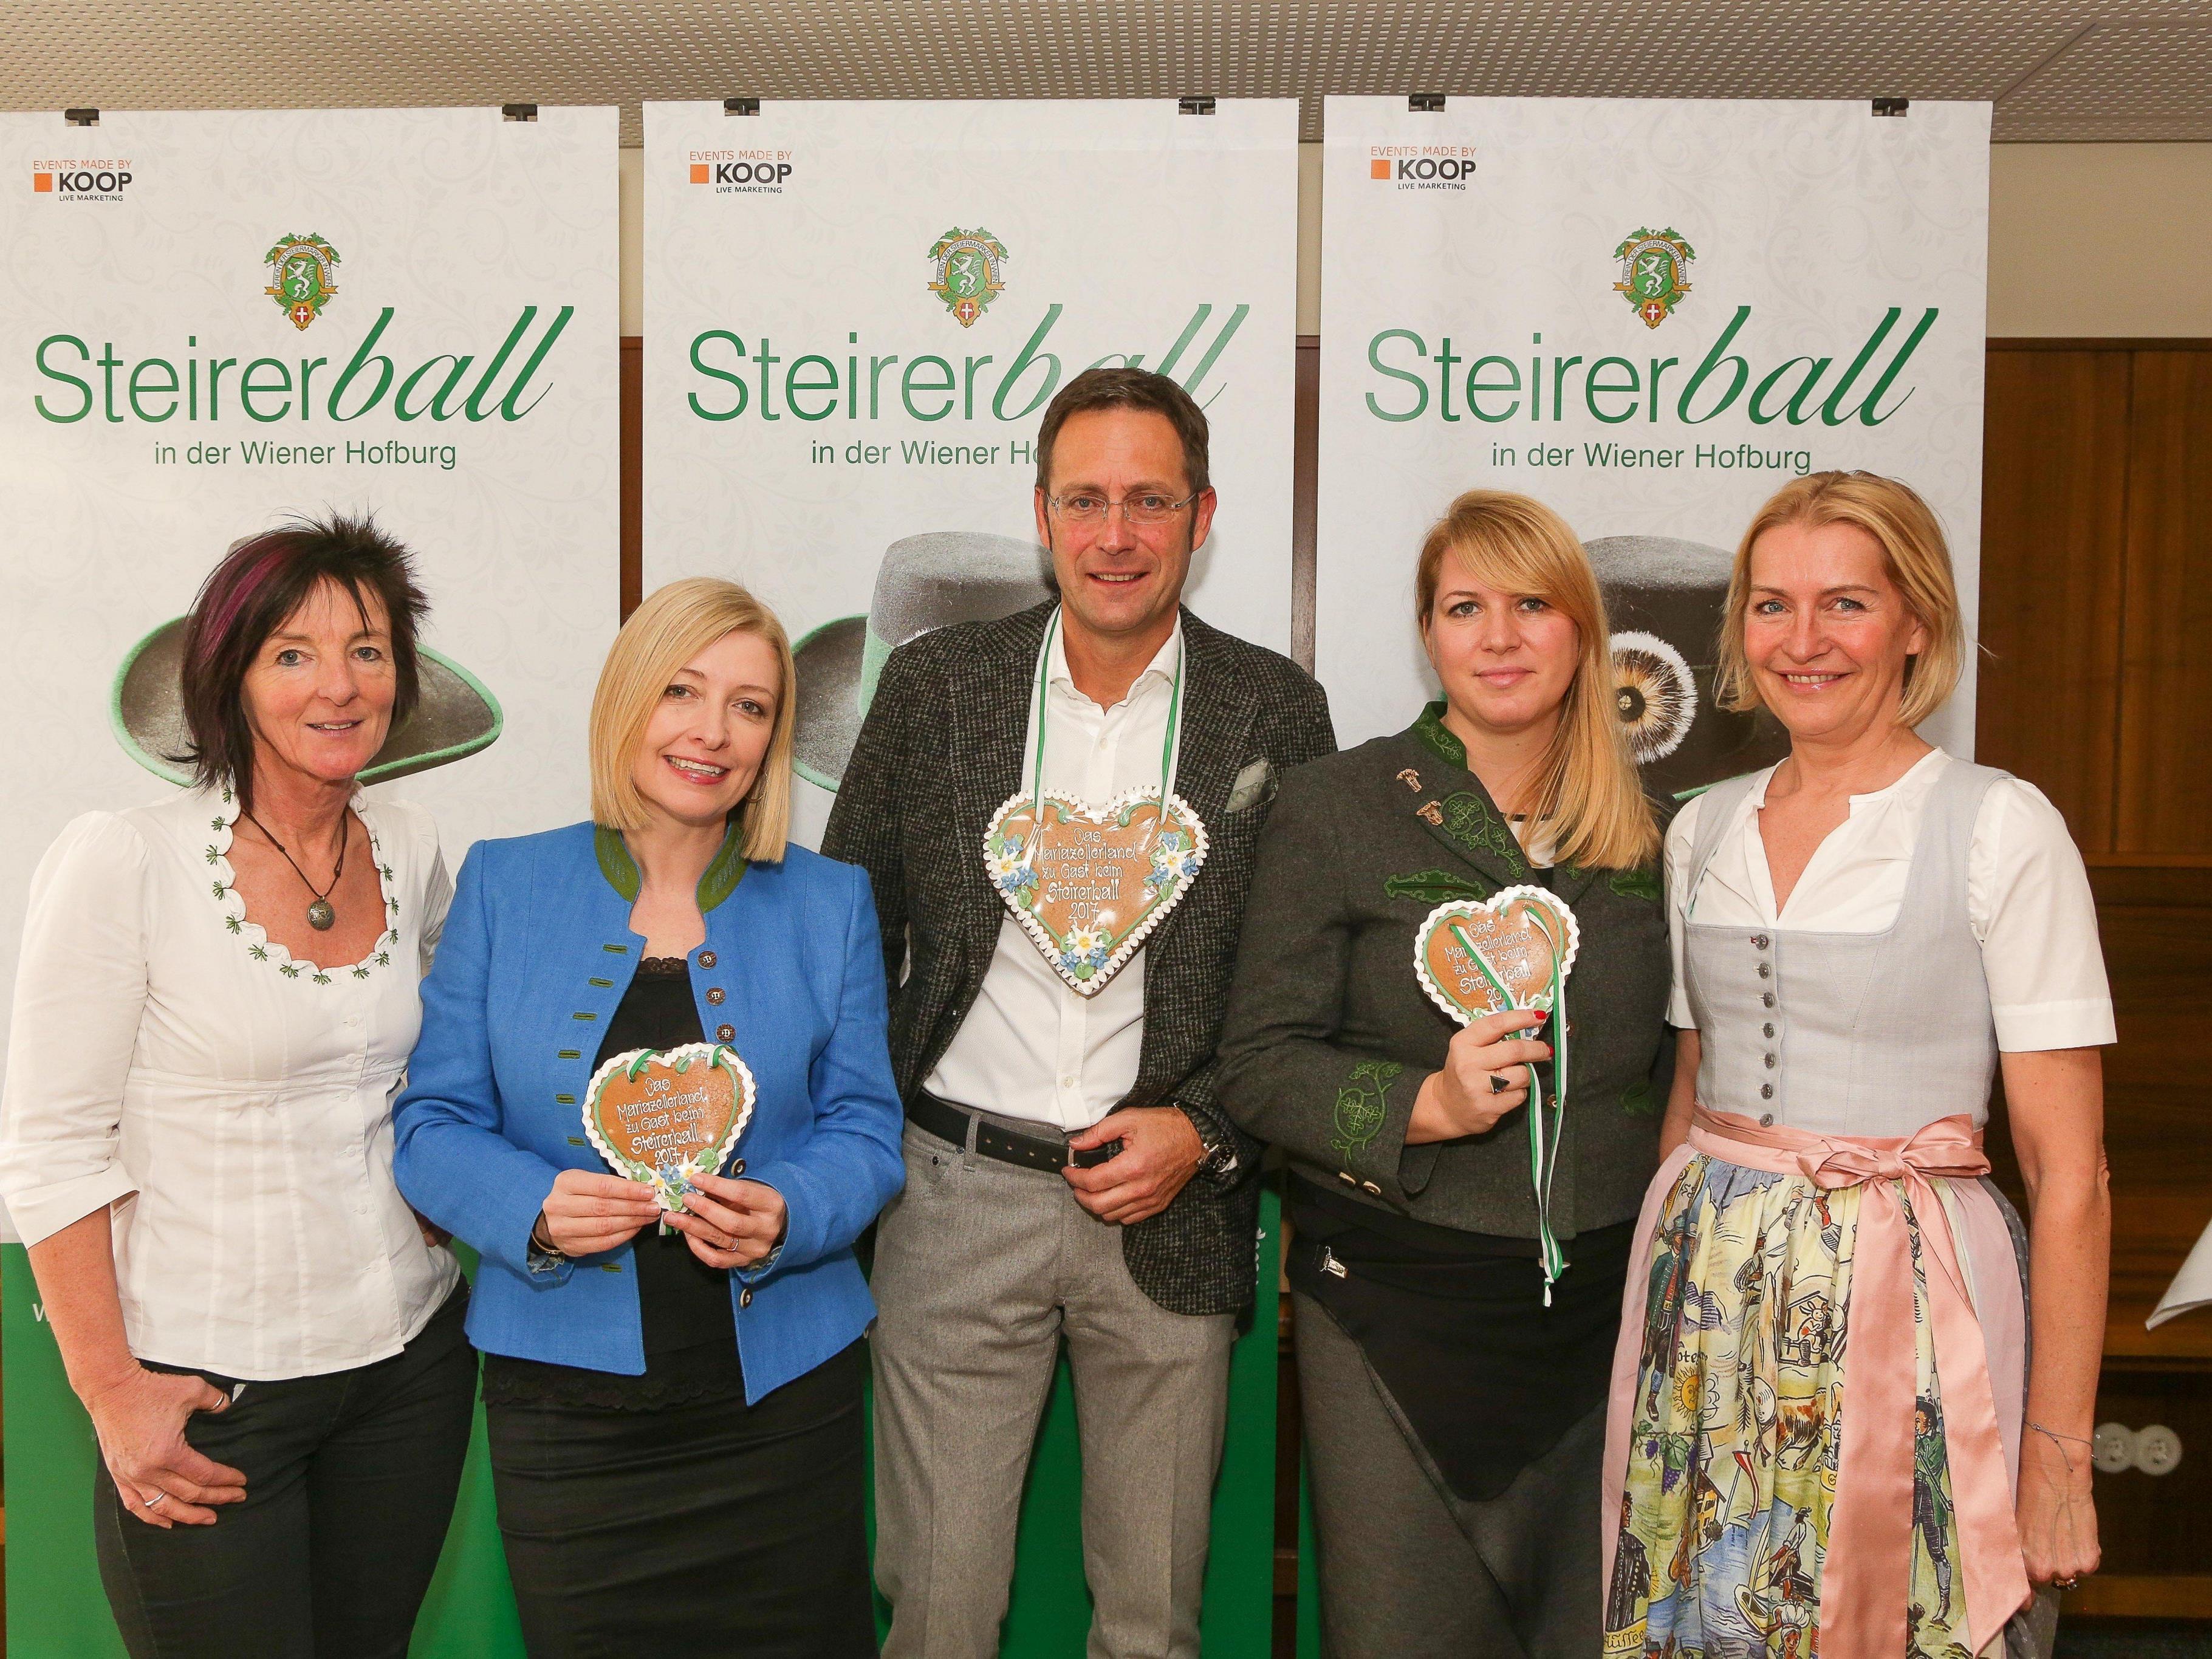 Der Steirerball findet Mitte Jänner 2017 statt.